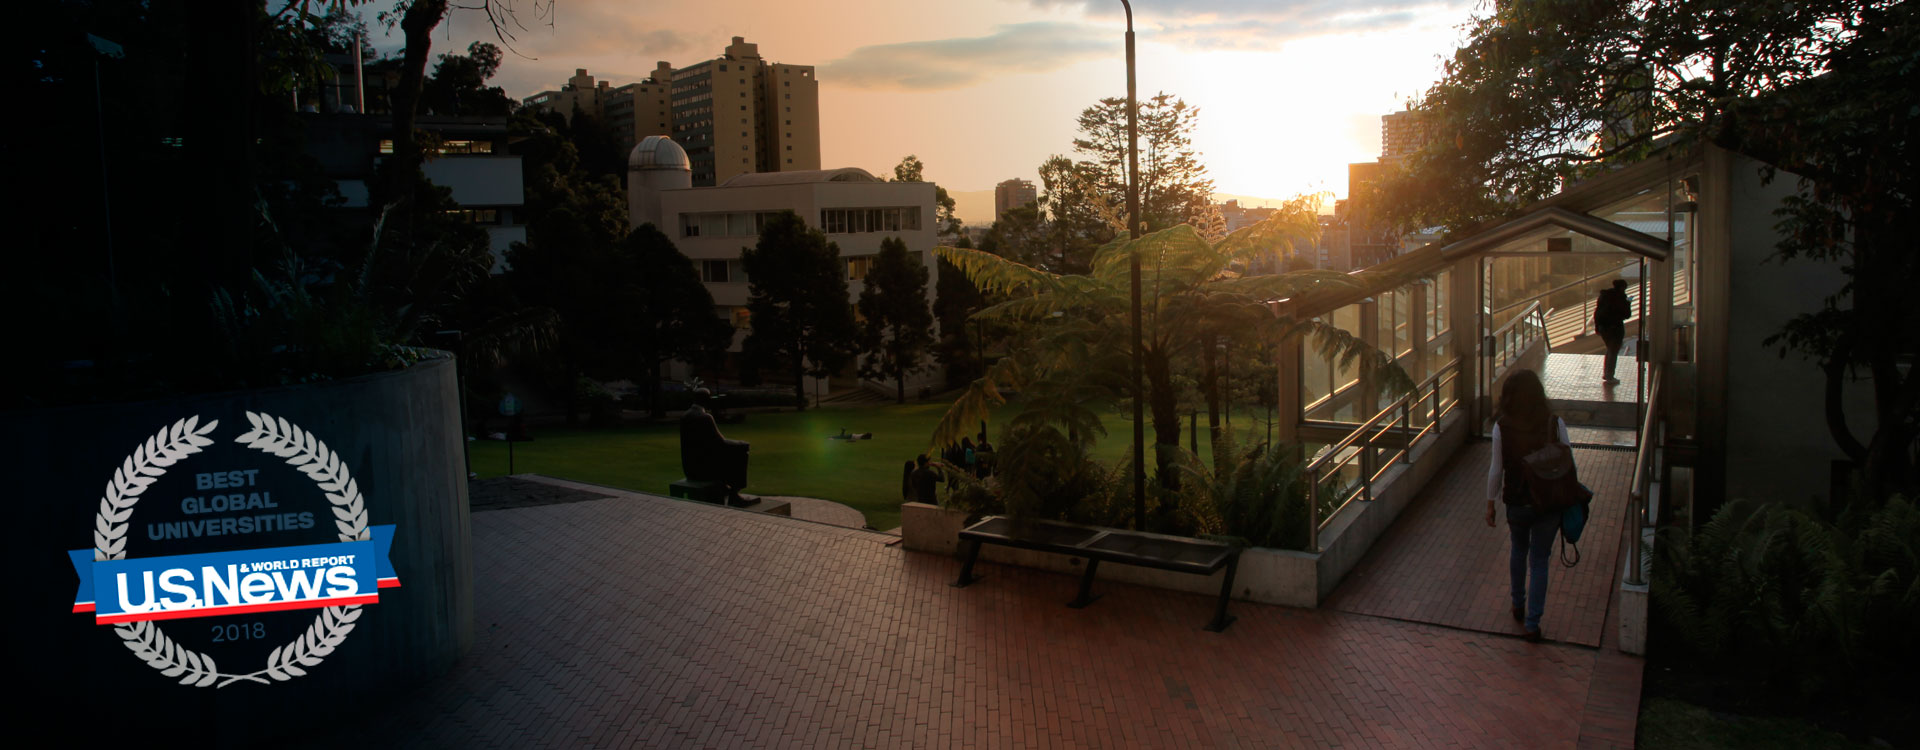 Image of the campus at Universidad de los Andes, in Bogotá, Colombia.